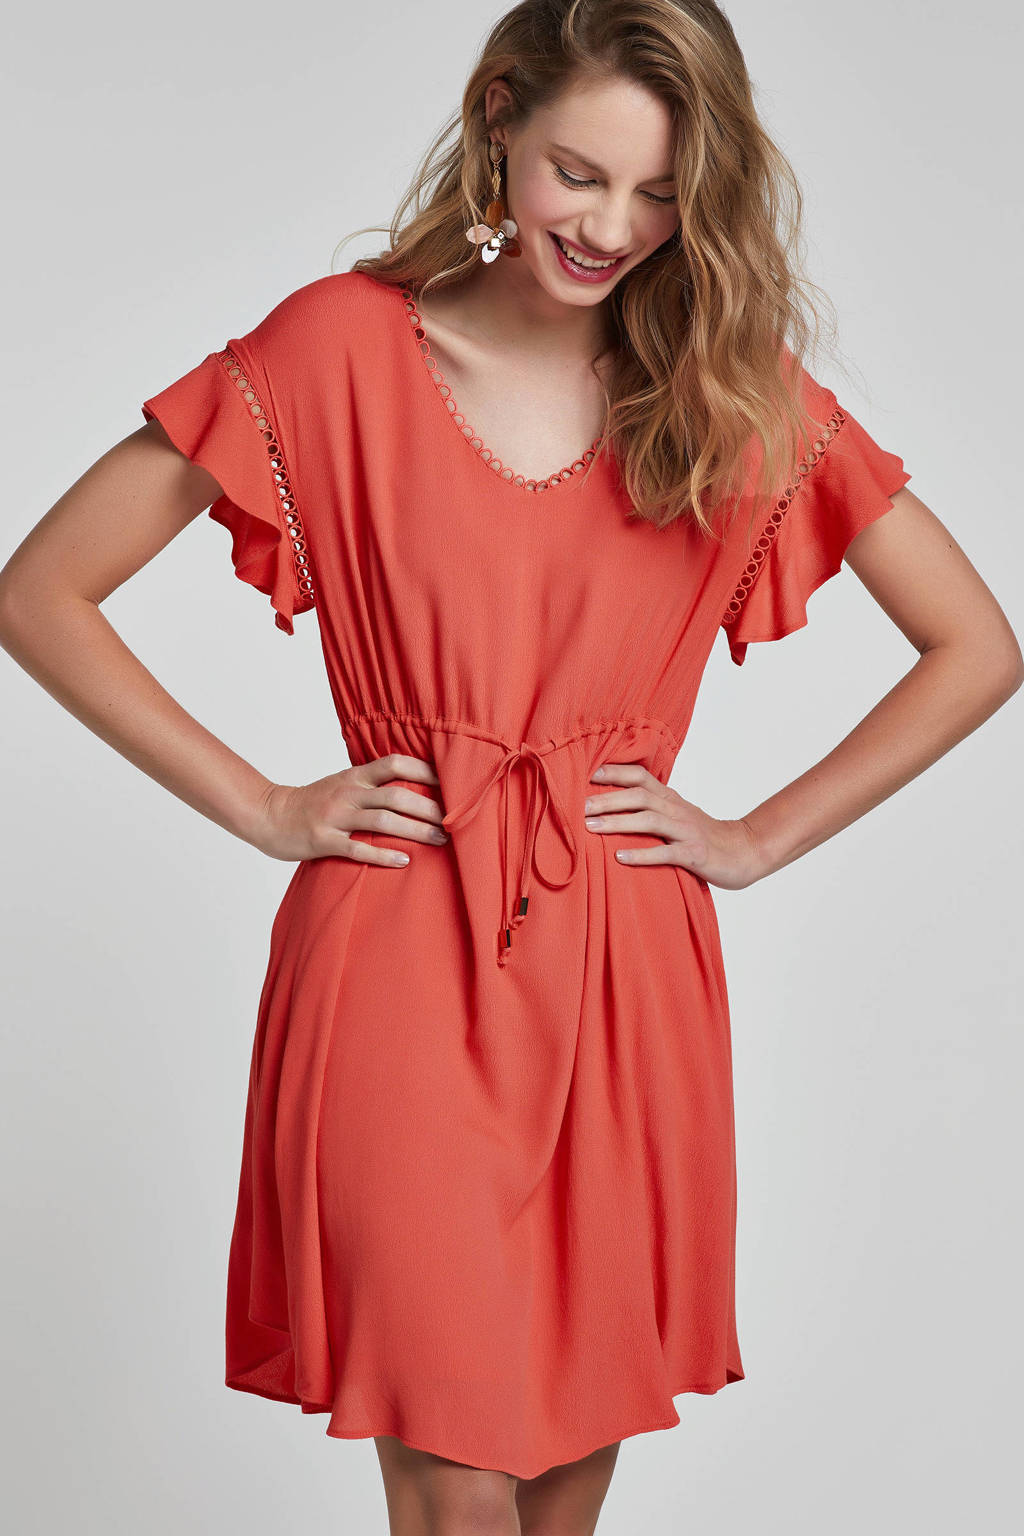 MARIA TAILOR jurk rood, Rood